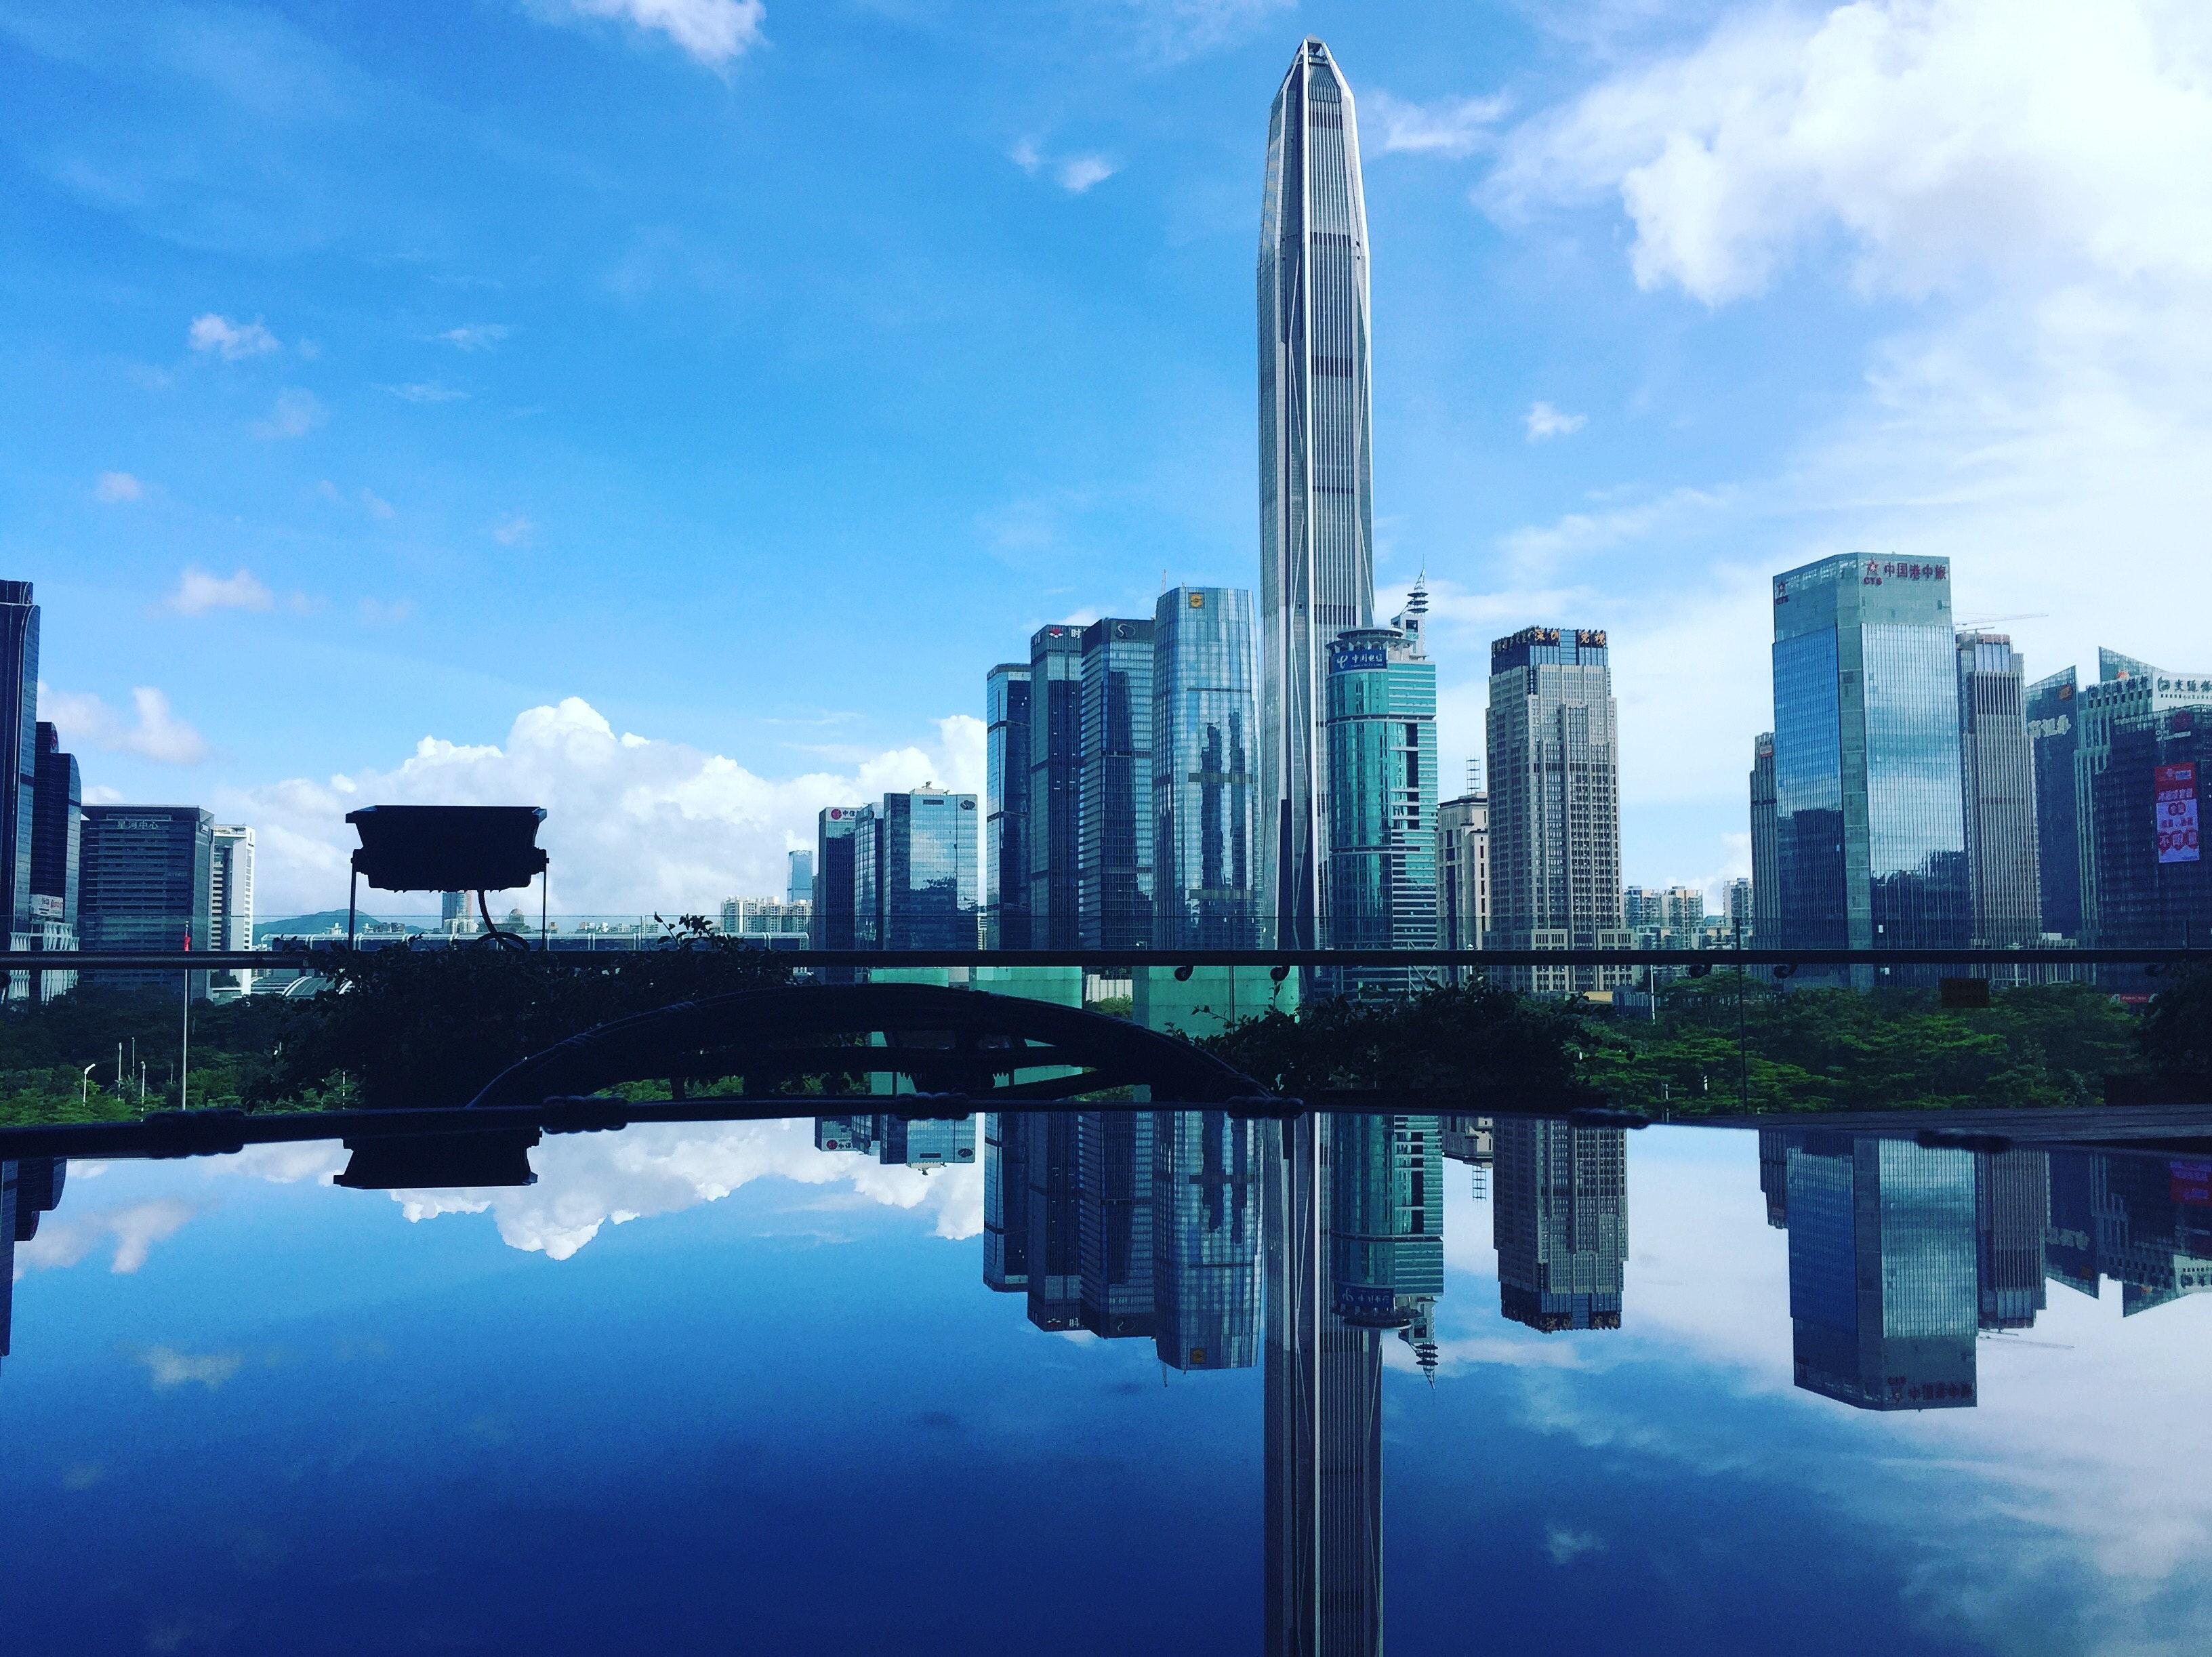 40岁的4个经济特区 一部中国文旅的发展简史